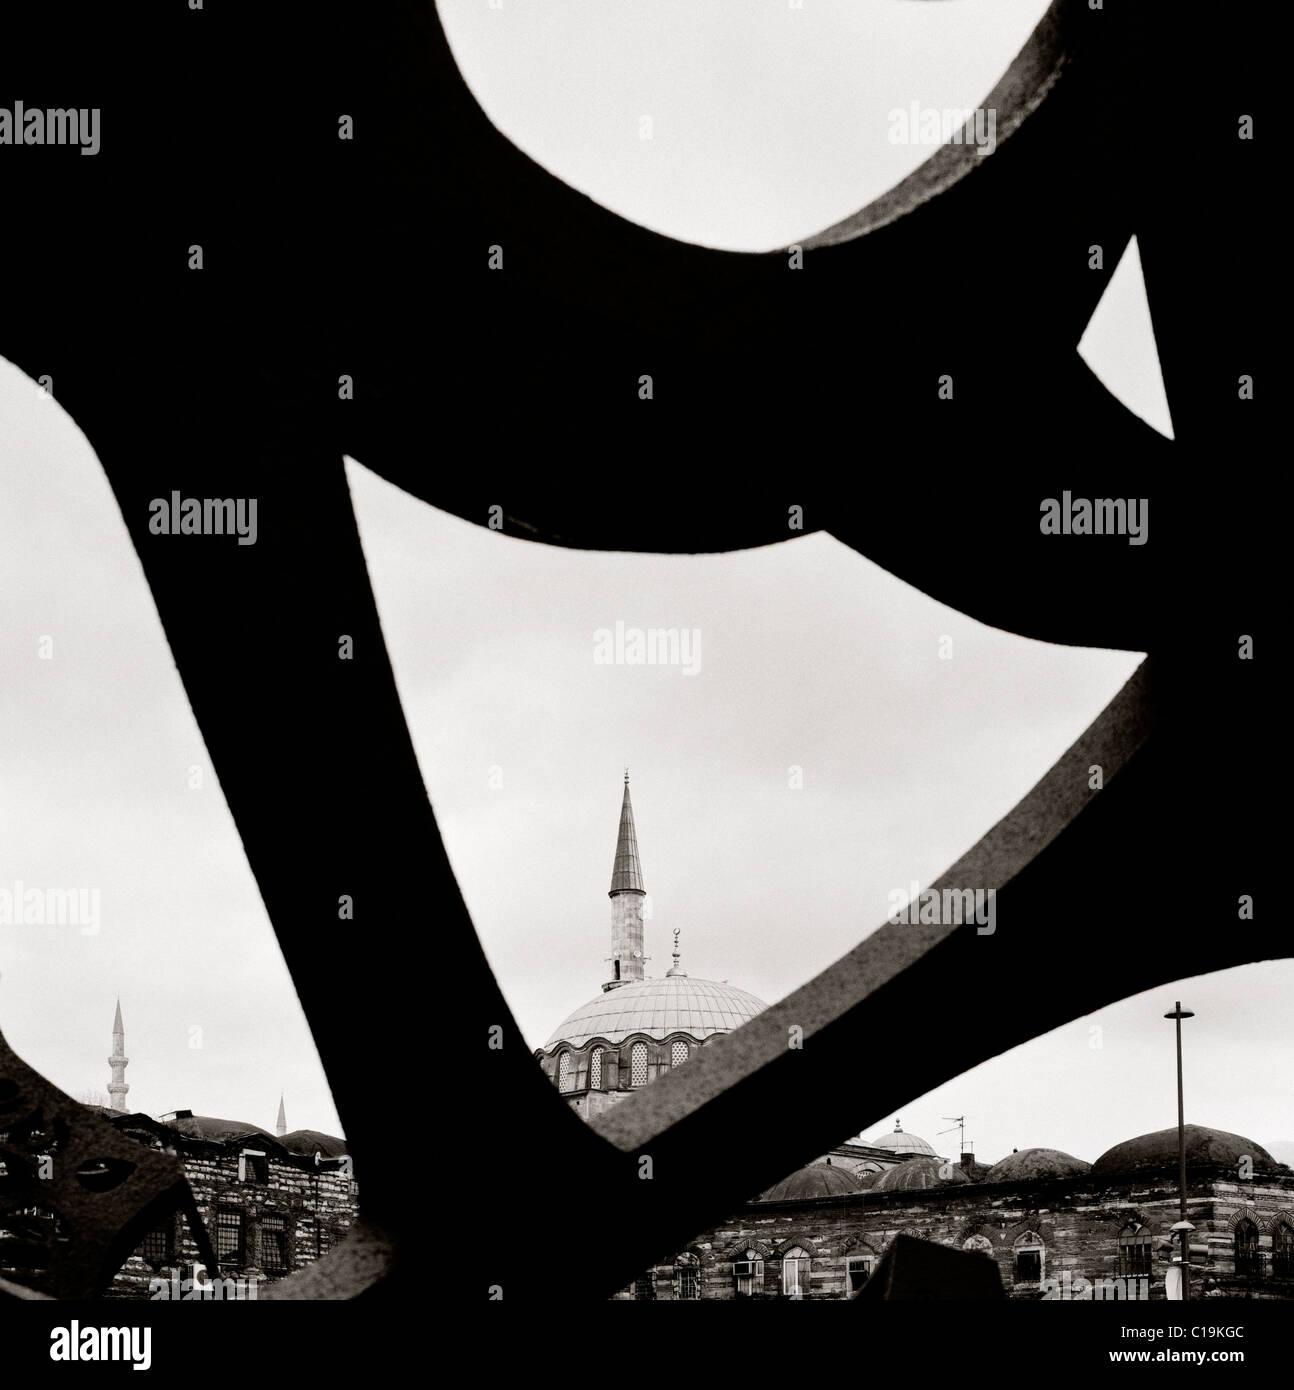 L'art abstrait moderne islamique et mosquée à Istanbul en Turquie en Moyen-Orient Asie. Brutalisme Photo Stock